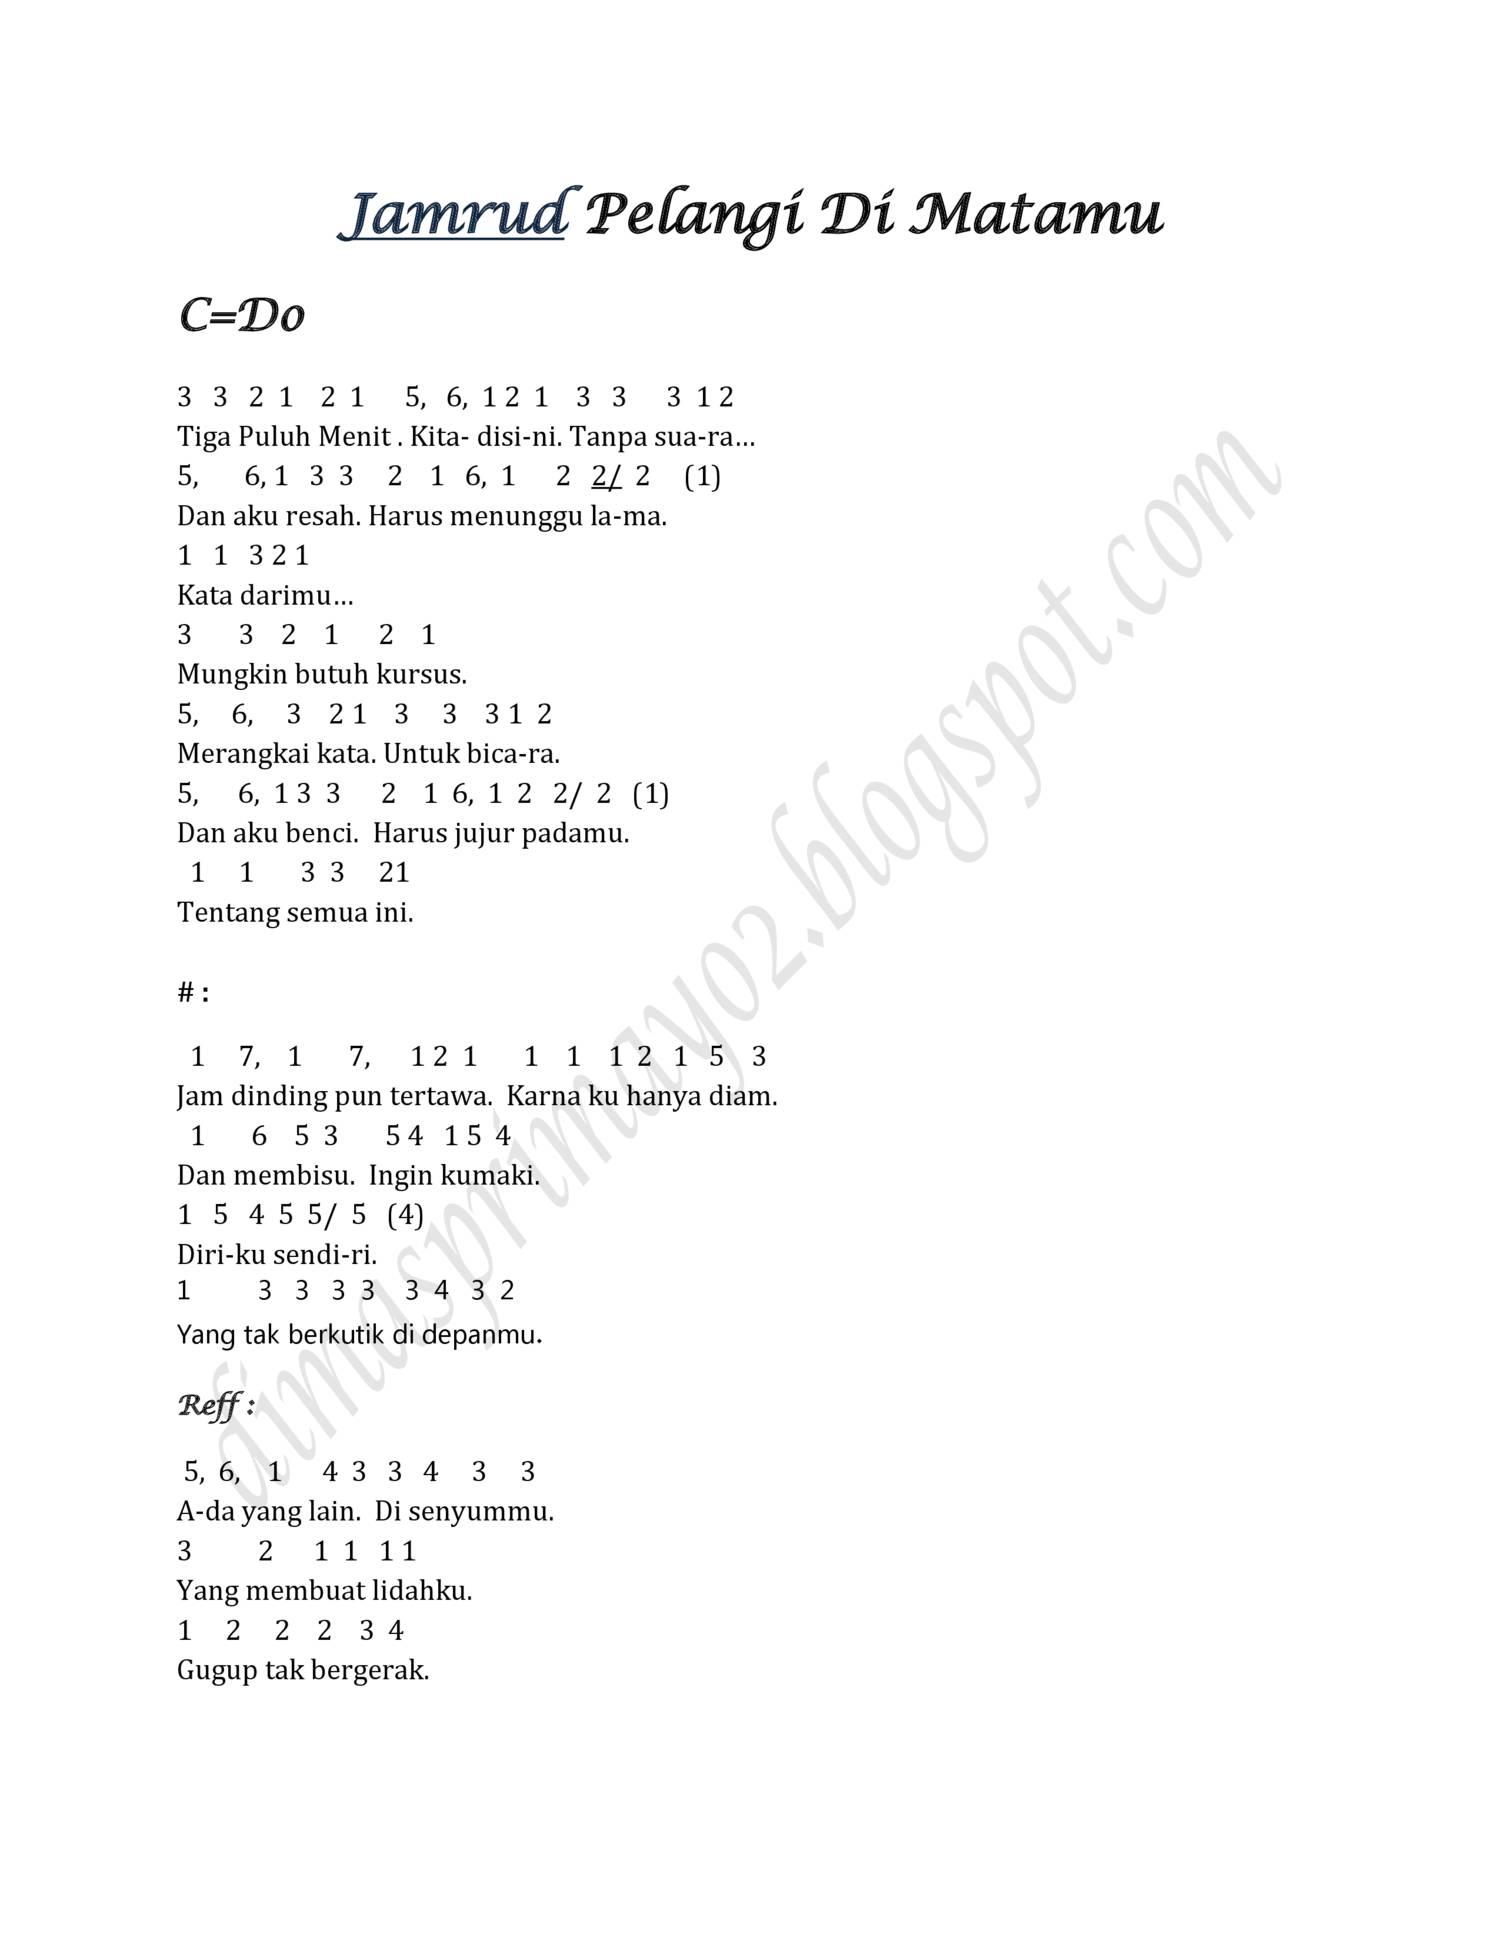 Chord Pelangi Dimatamu : chord, pelangi, dimatamu, Jamrud, Pelangi, Matamu, Chordtela